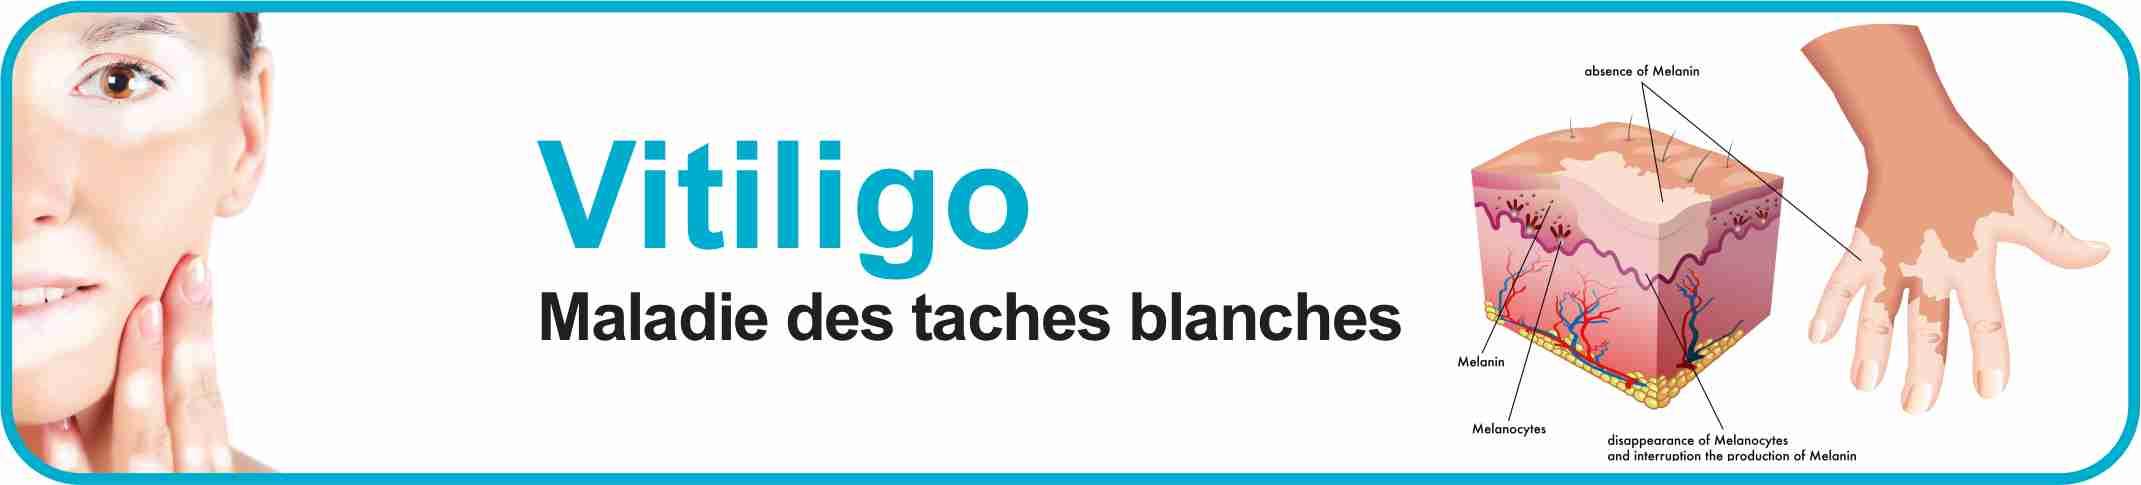 Vitiligo, la maladie des taches blanches...